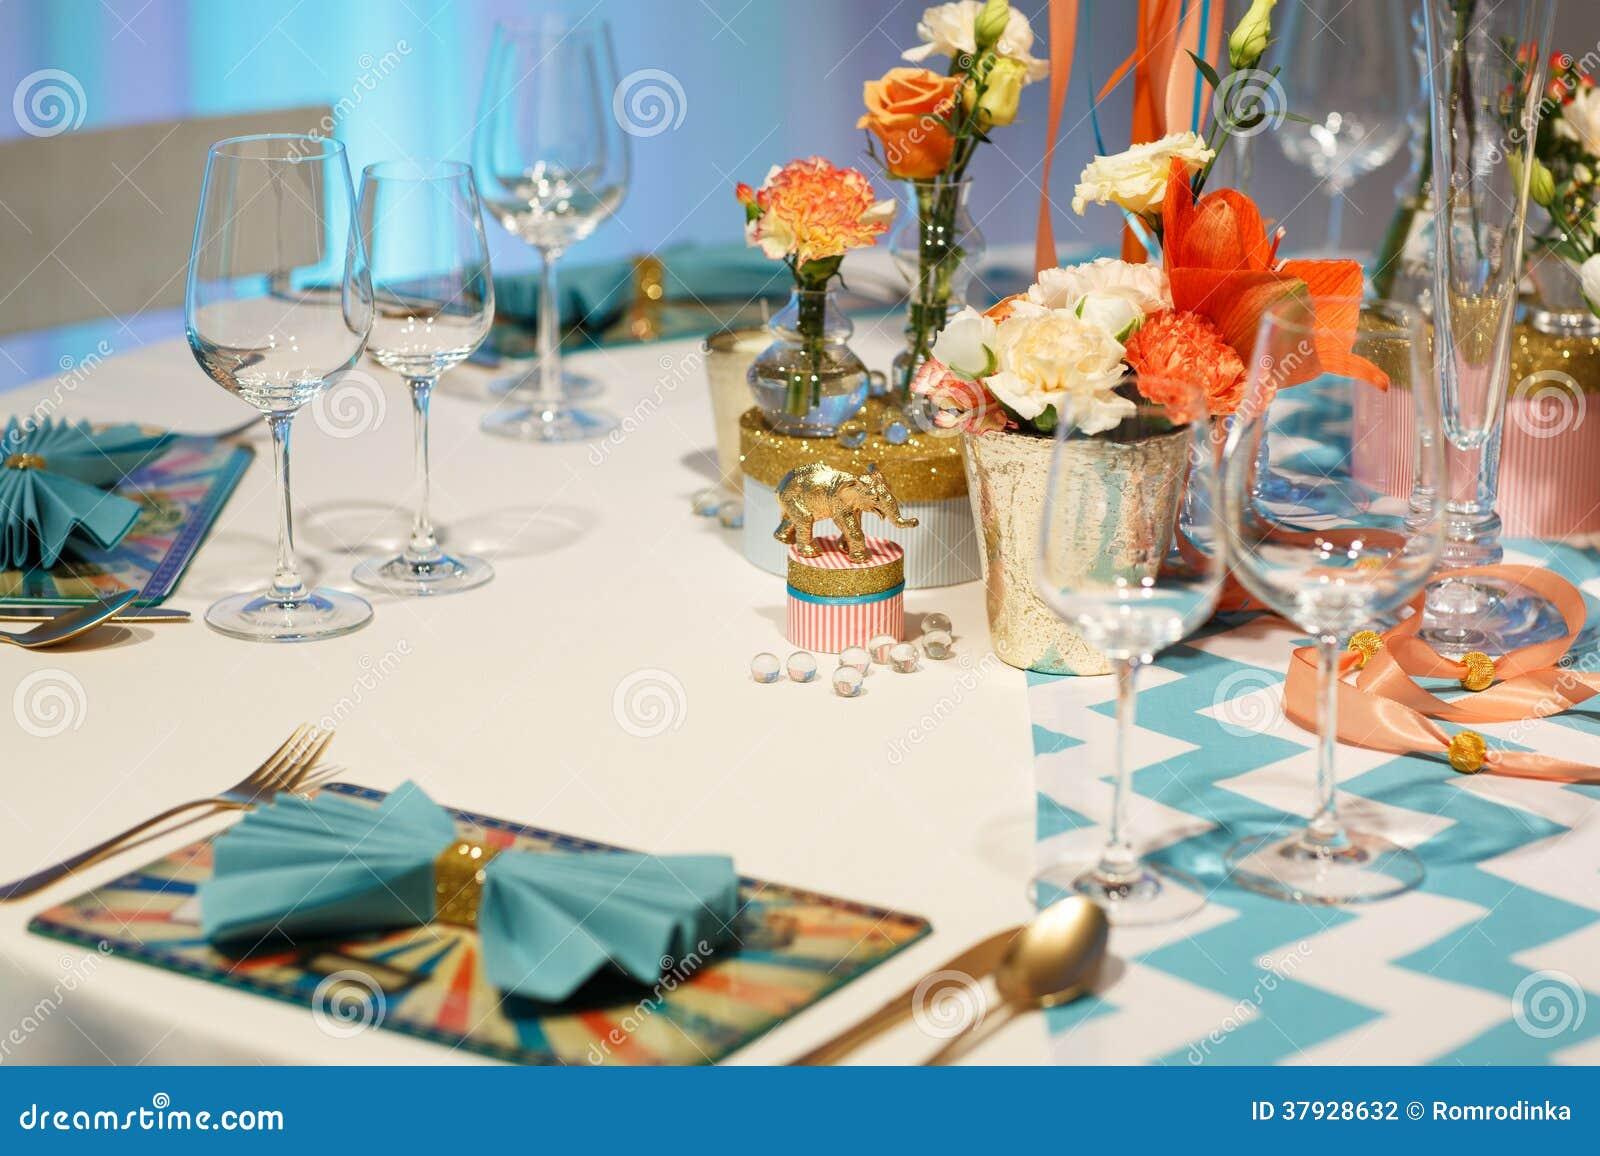 Элегантная таблица установила в мягкий creme для партии wedding или события.